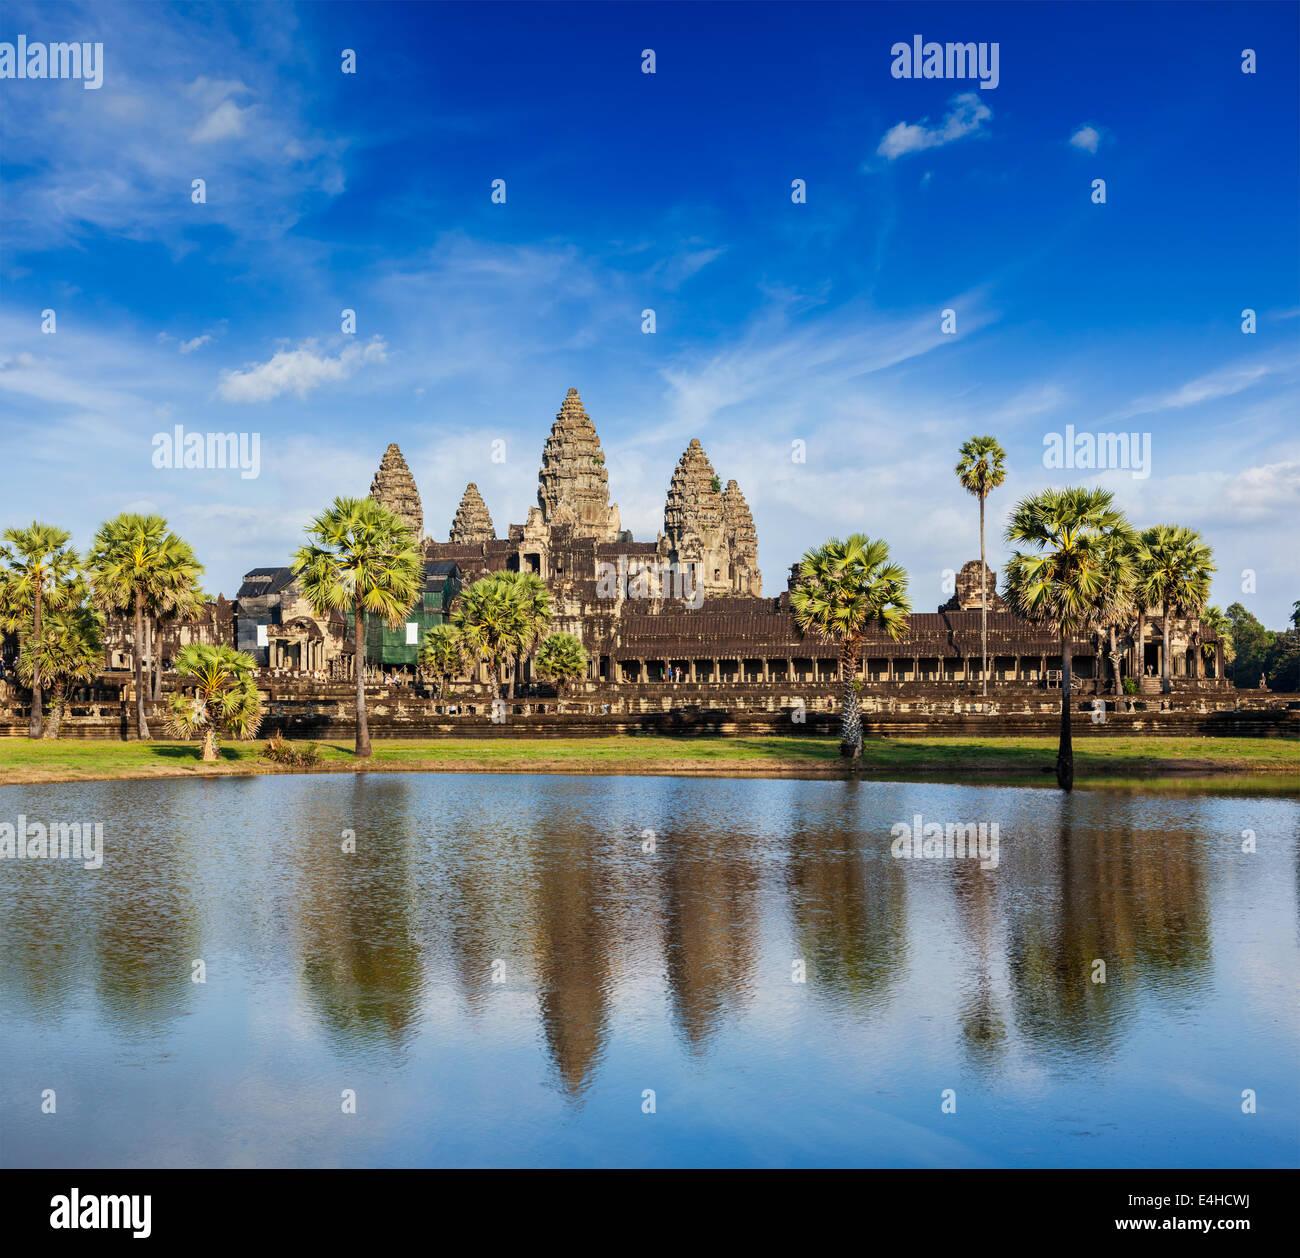 Cambodge Angkor Wat historique avec la réflexion dans l'eau Photo Stock